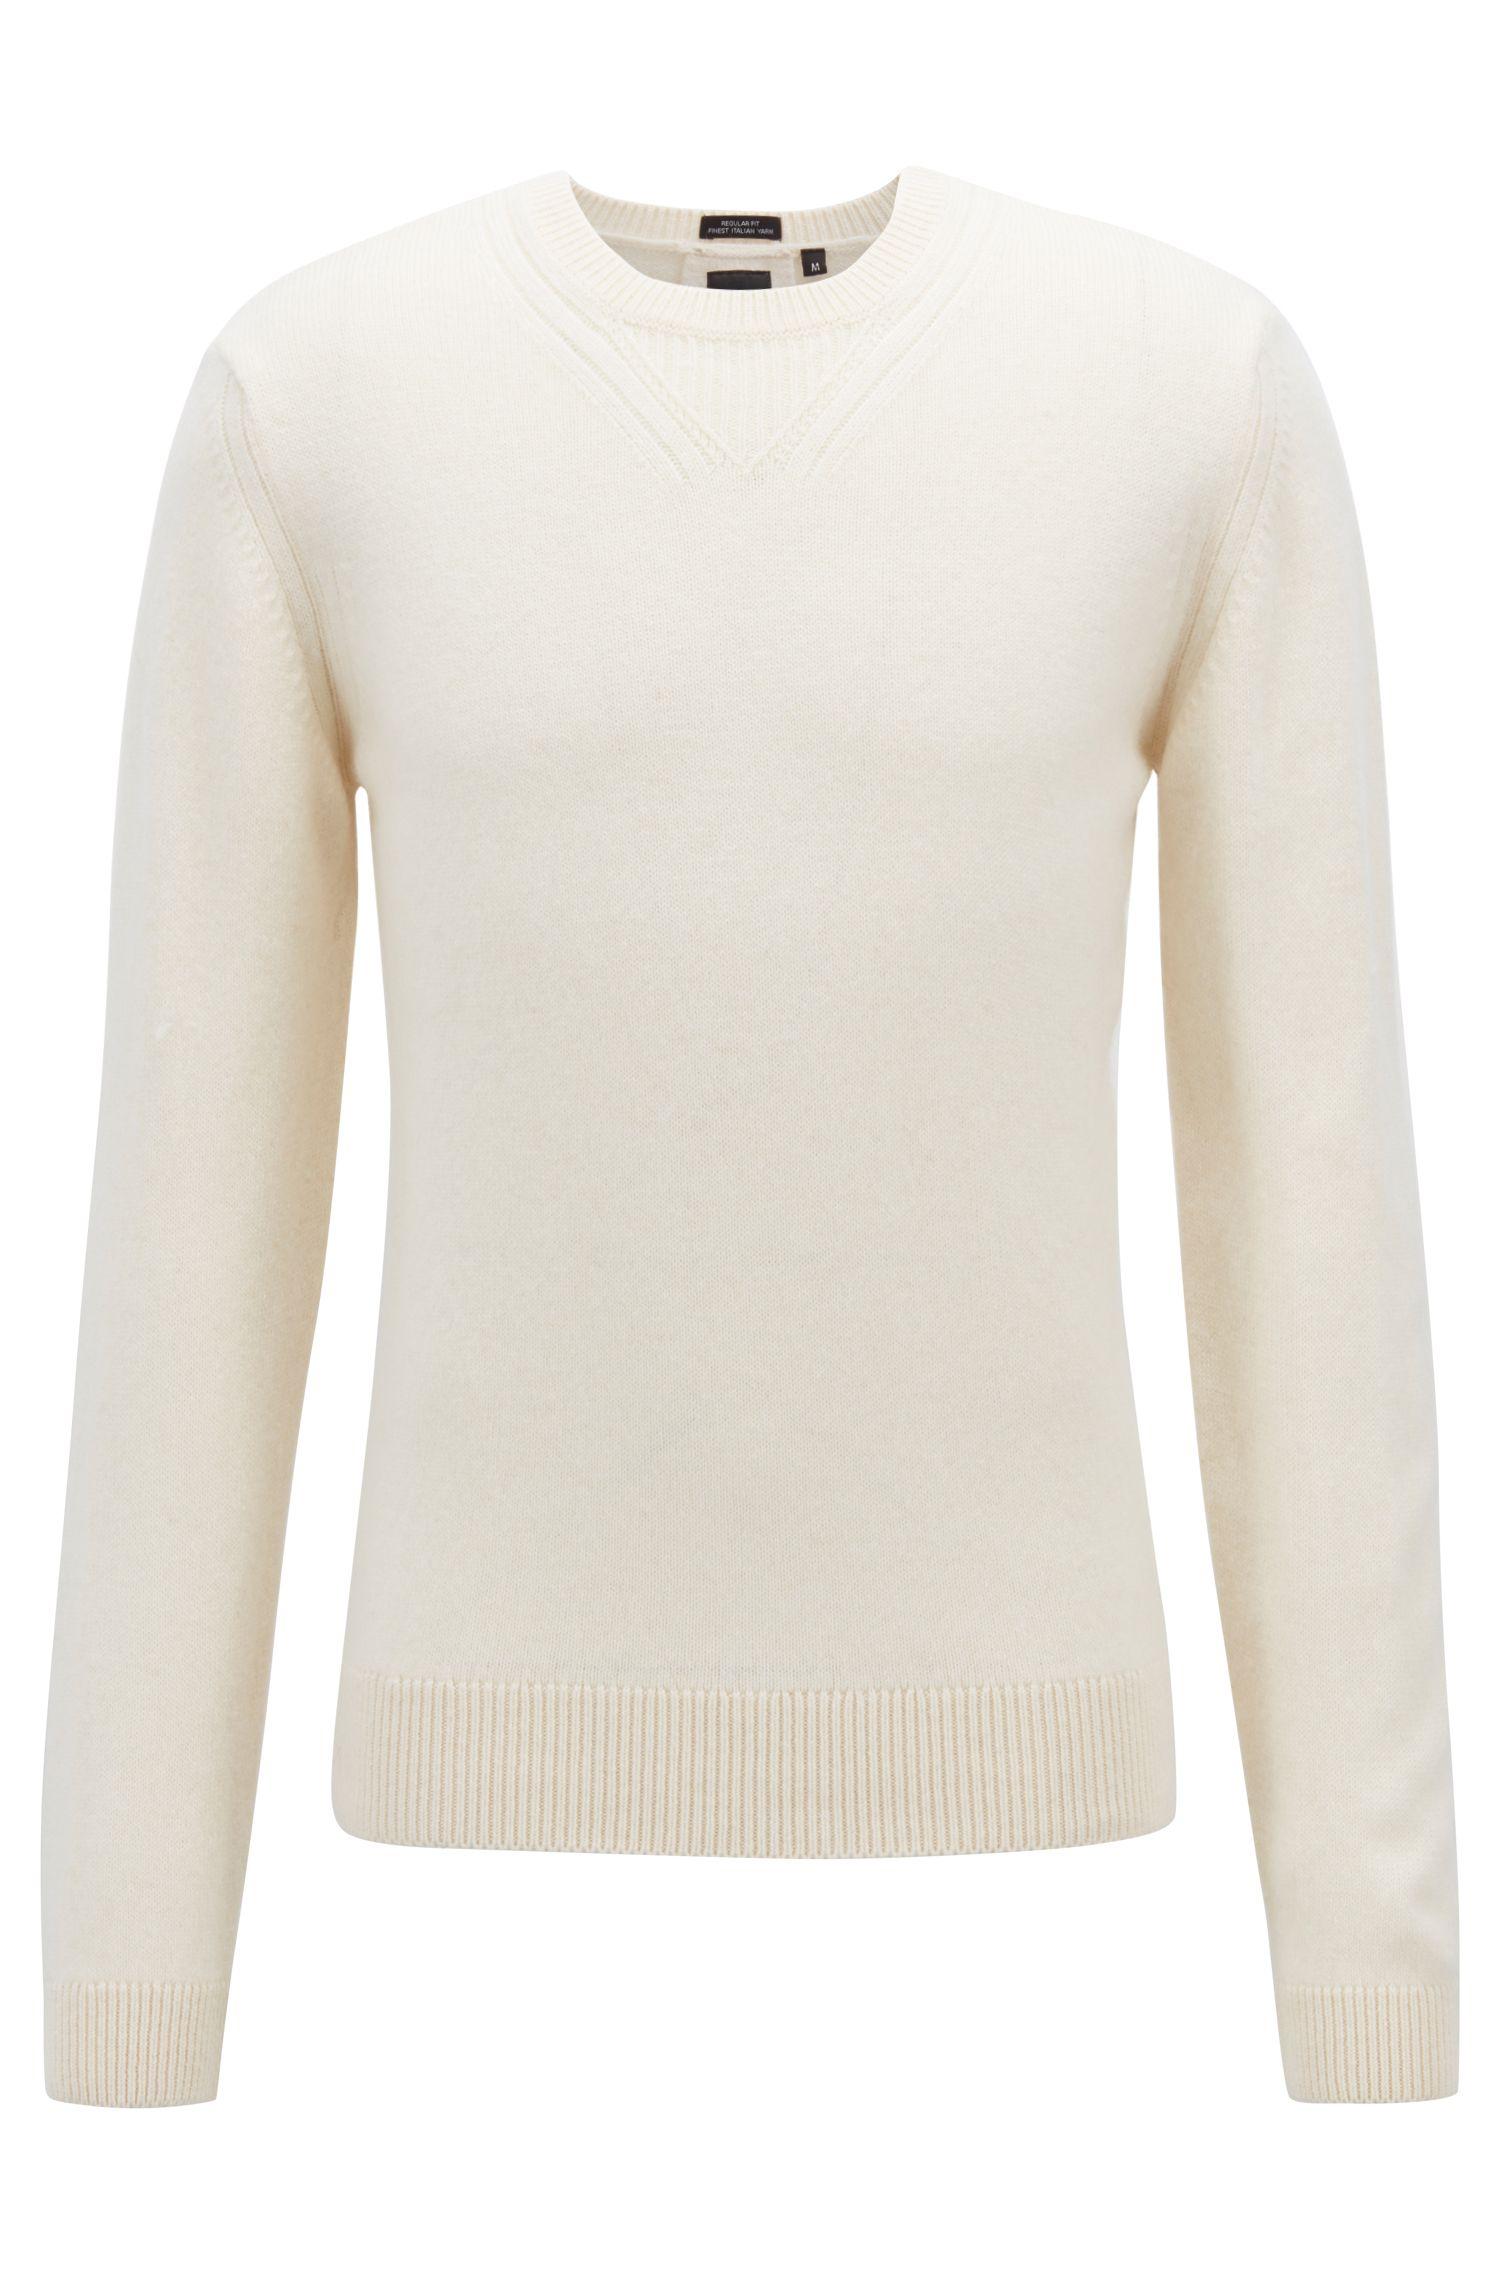 Maglione a girocollo in jersey di misto lana, Naturale